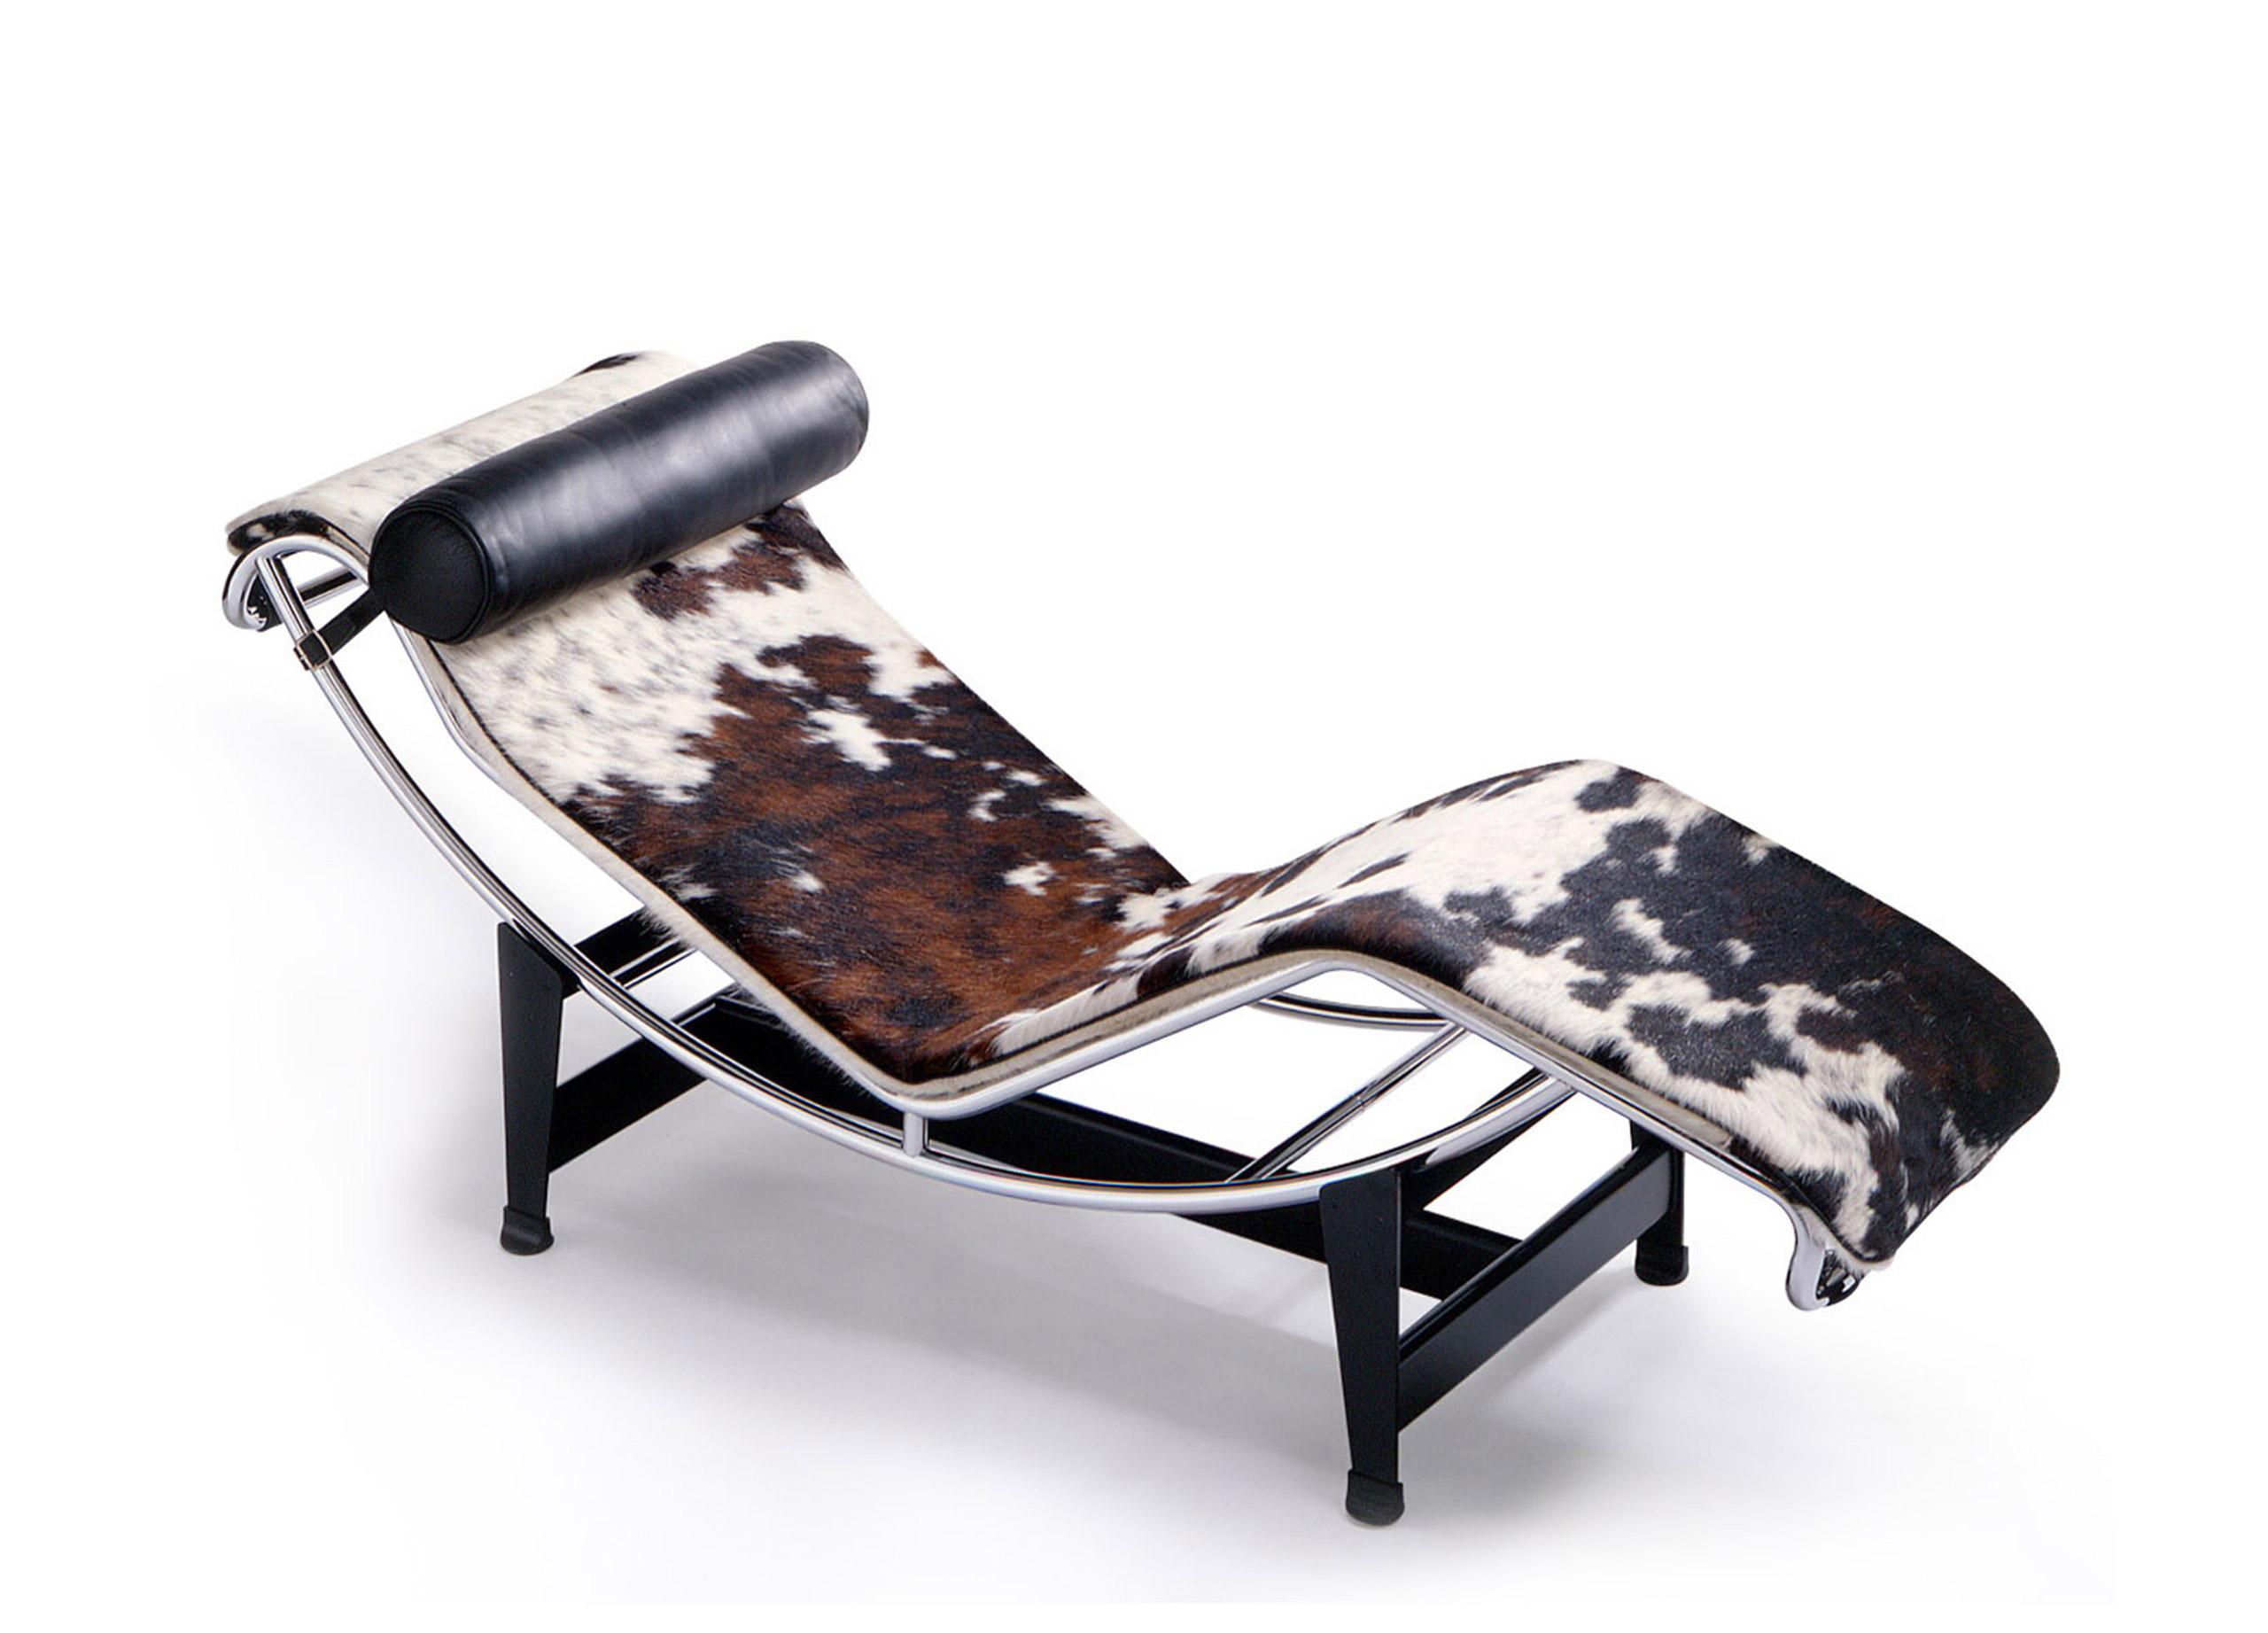 chaise charlotte lounge jeanneret by photo pierre corbusier photographie contemporain of beau le l